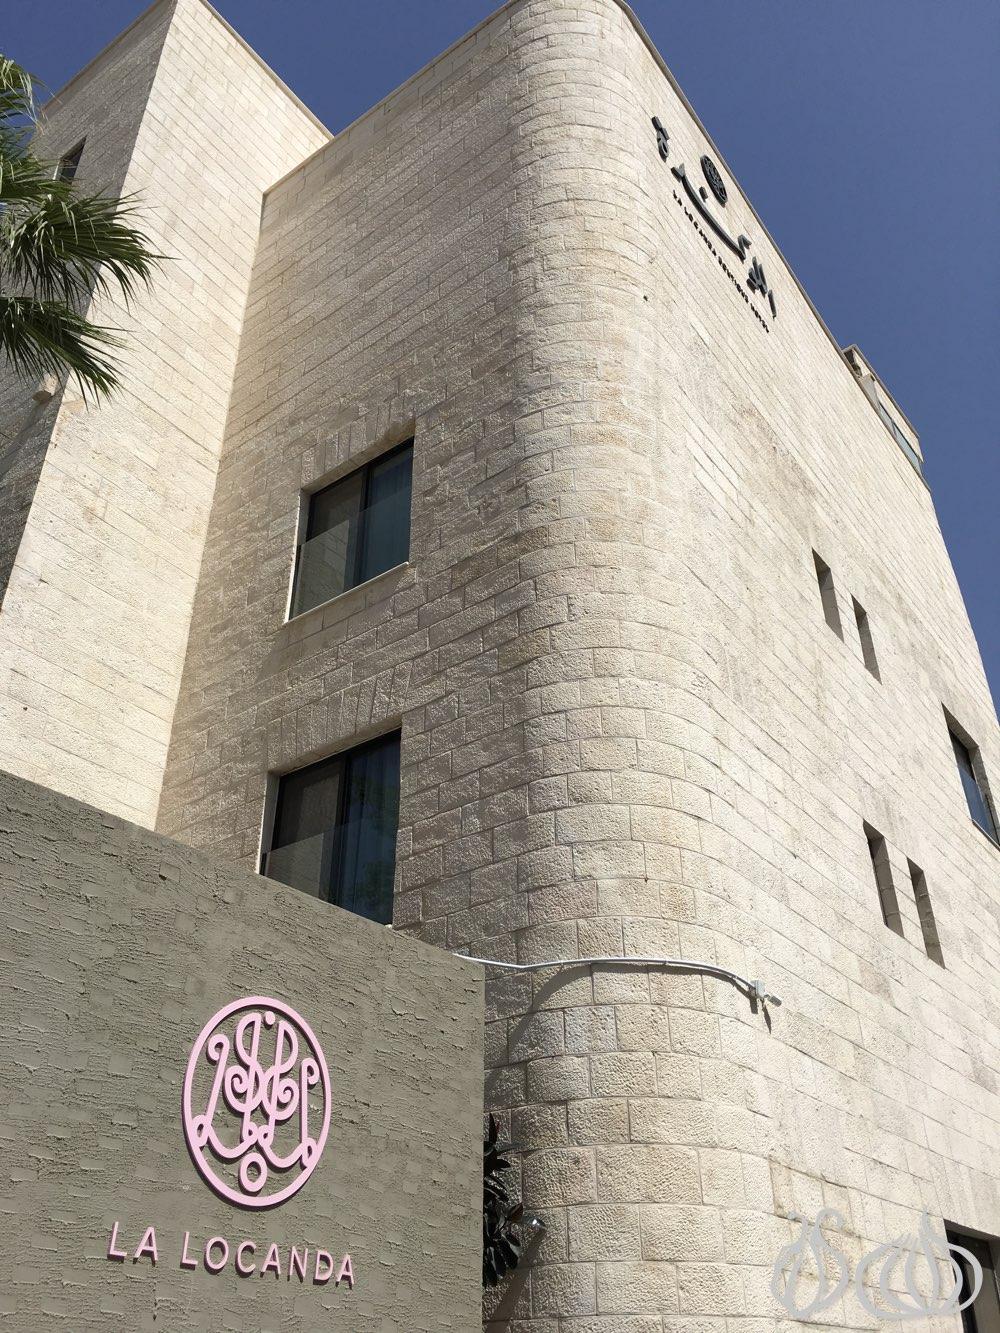 La Locanda Boutique Hotel Amman    Nogarlicnoonions